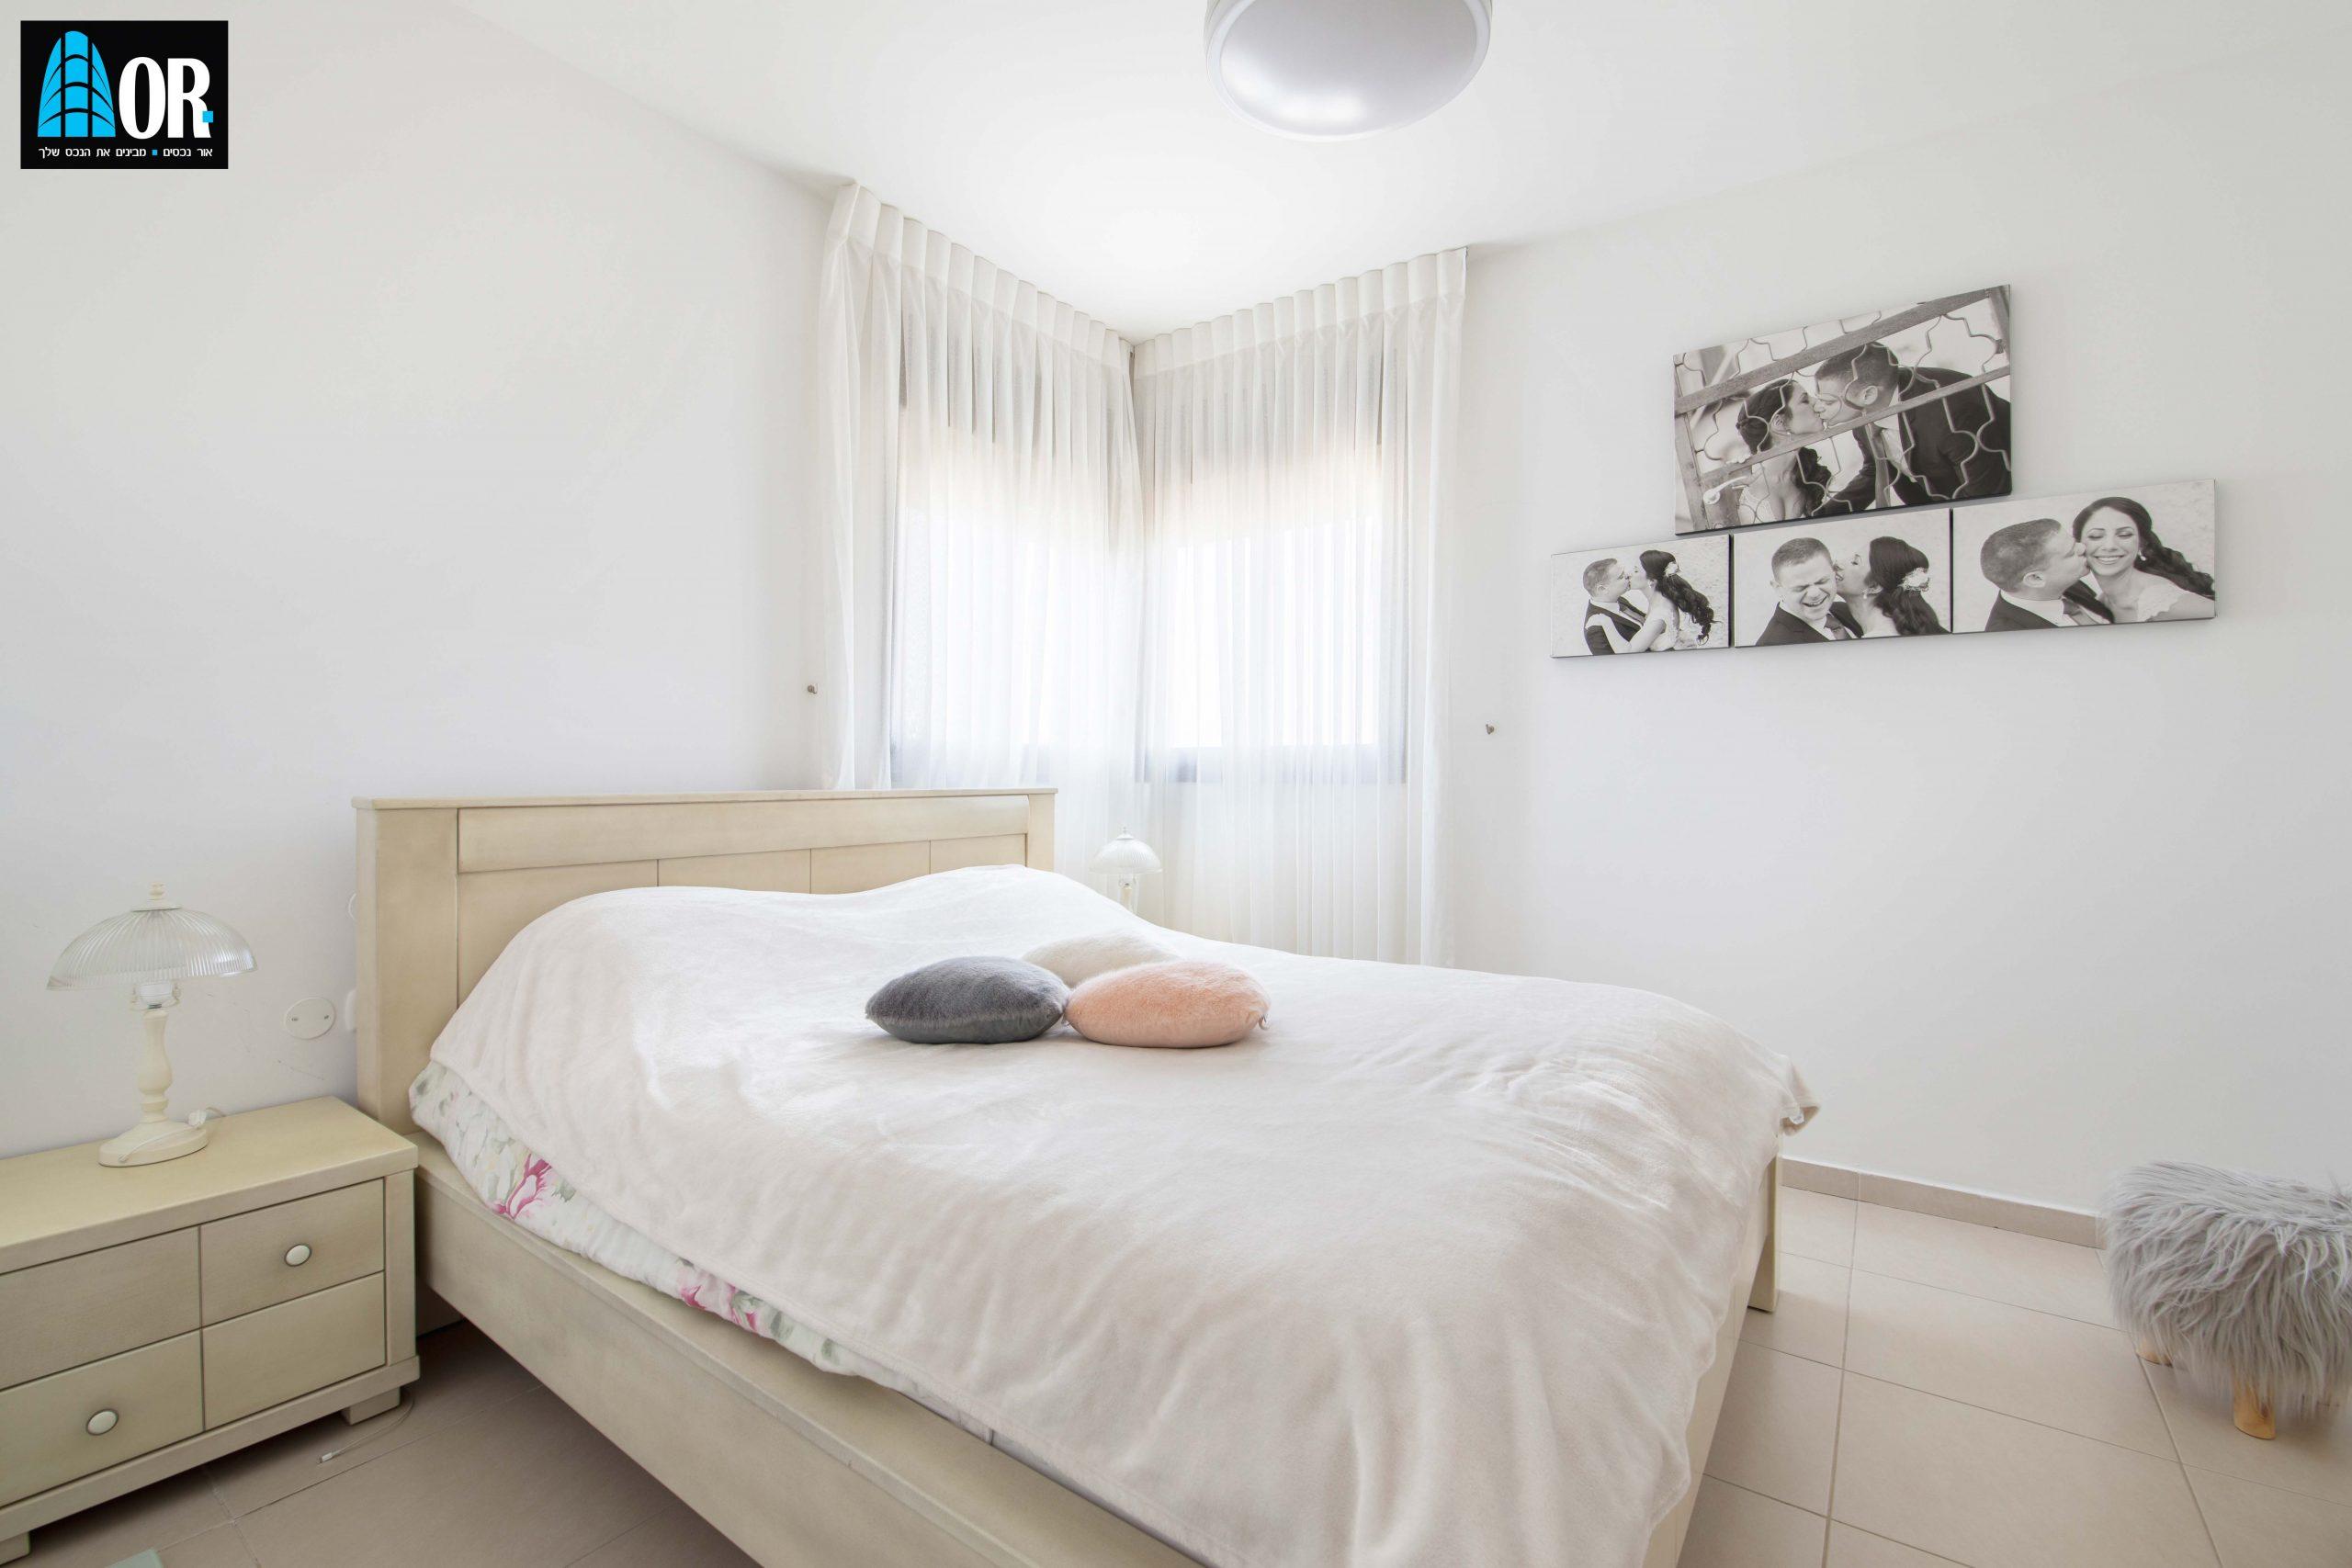 חדר הורים דירה 4 חדרים שכונה תלמי מנשה